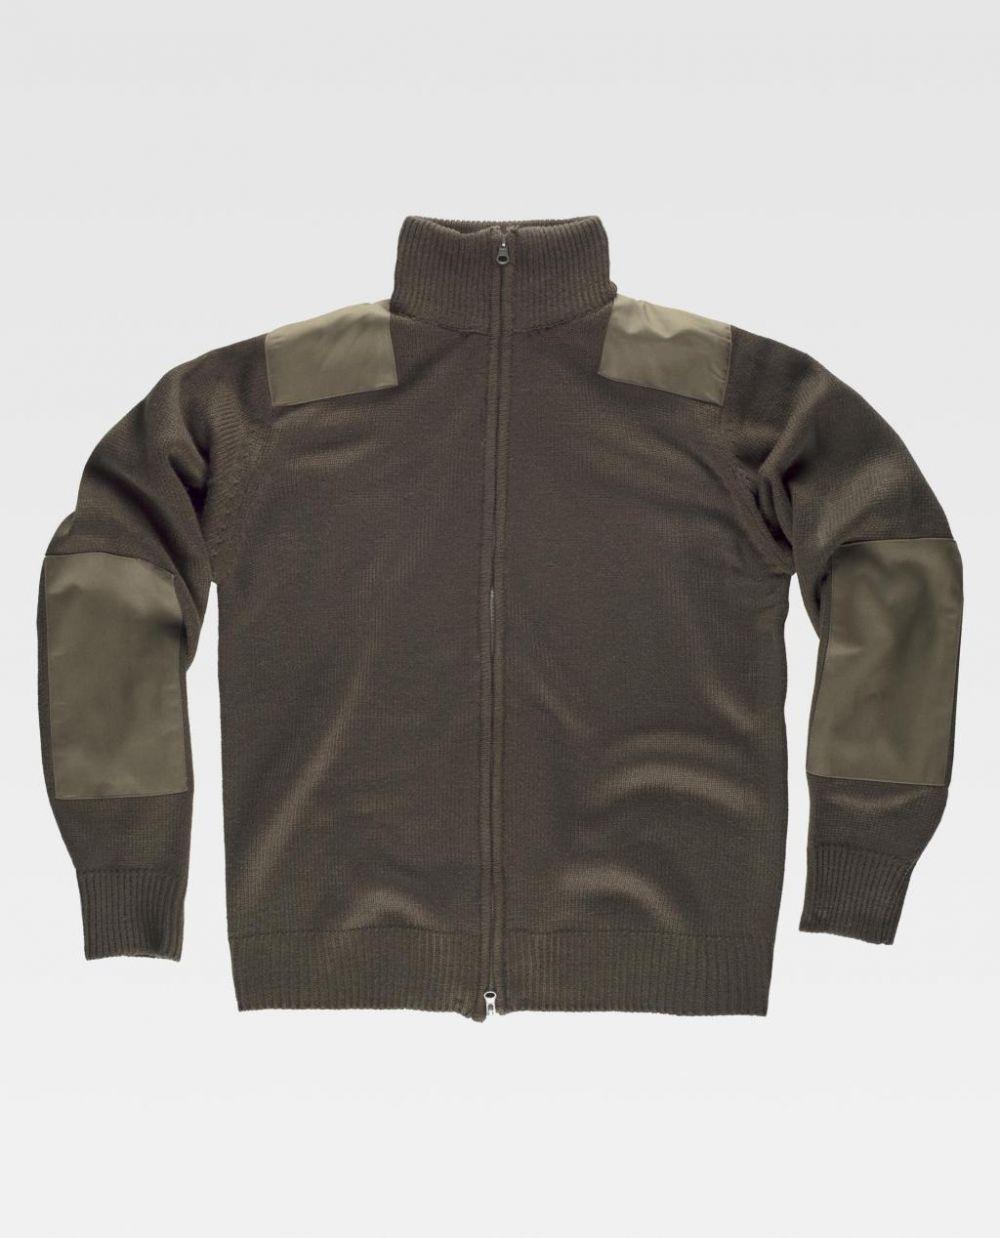 Chaquetas y cazadoras de trabajo workteam chaqueta cuello alto punto grueso de acrílico con impresión vista 1